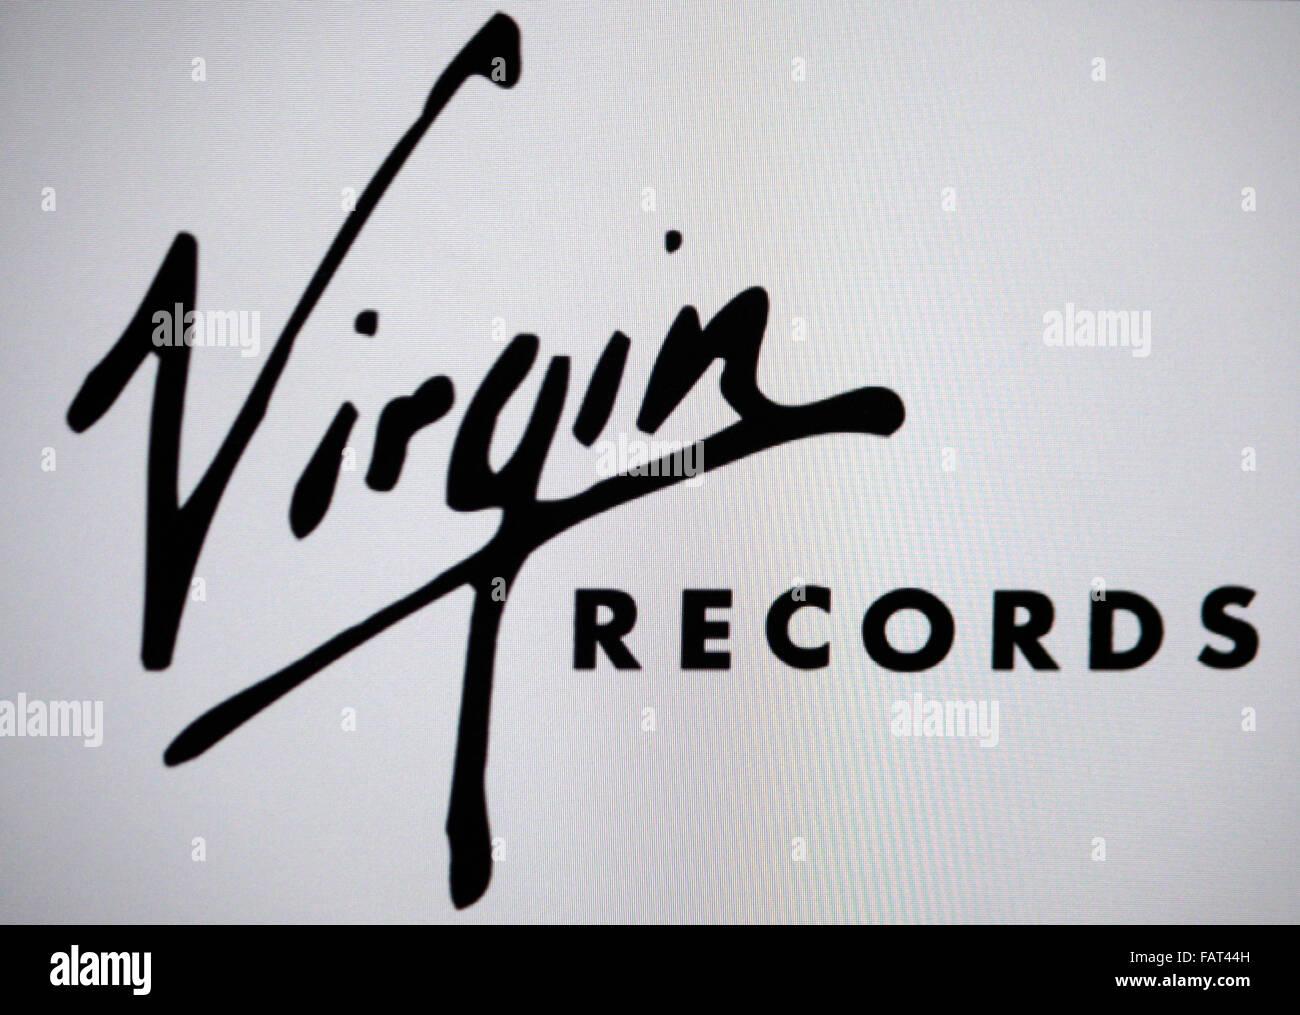 Virgin Records Berlin